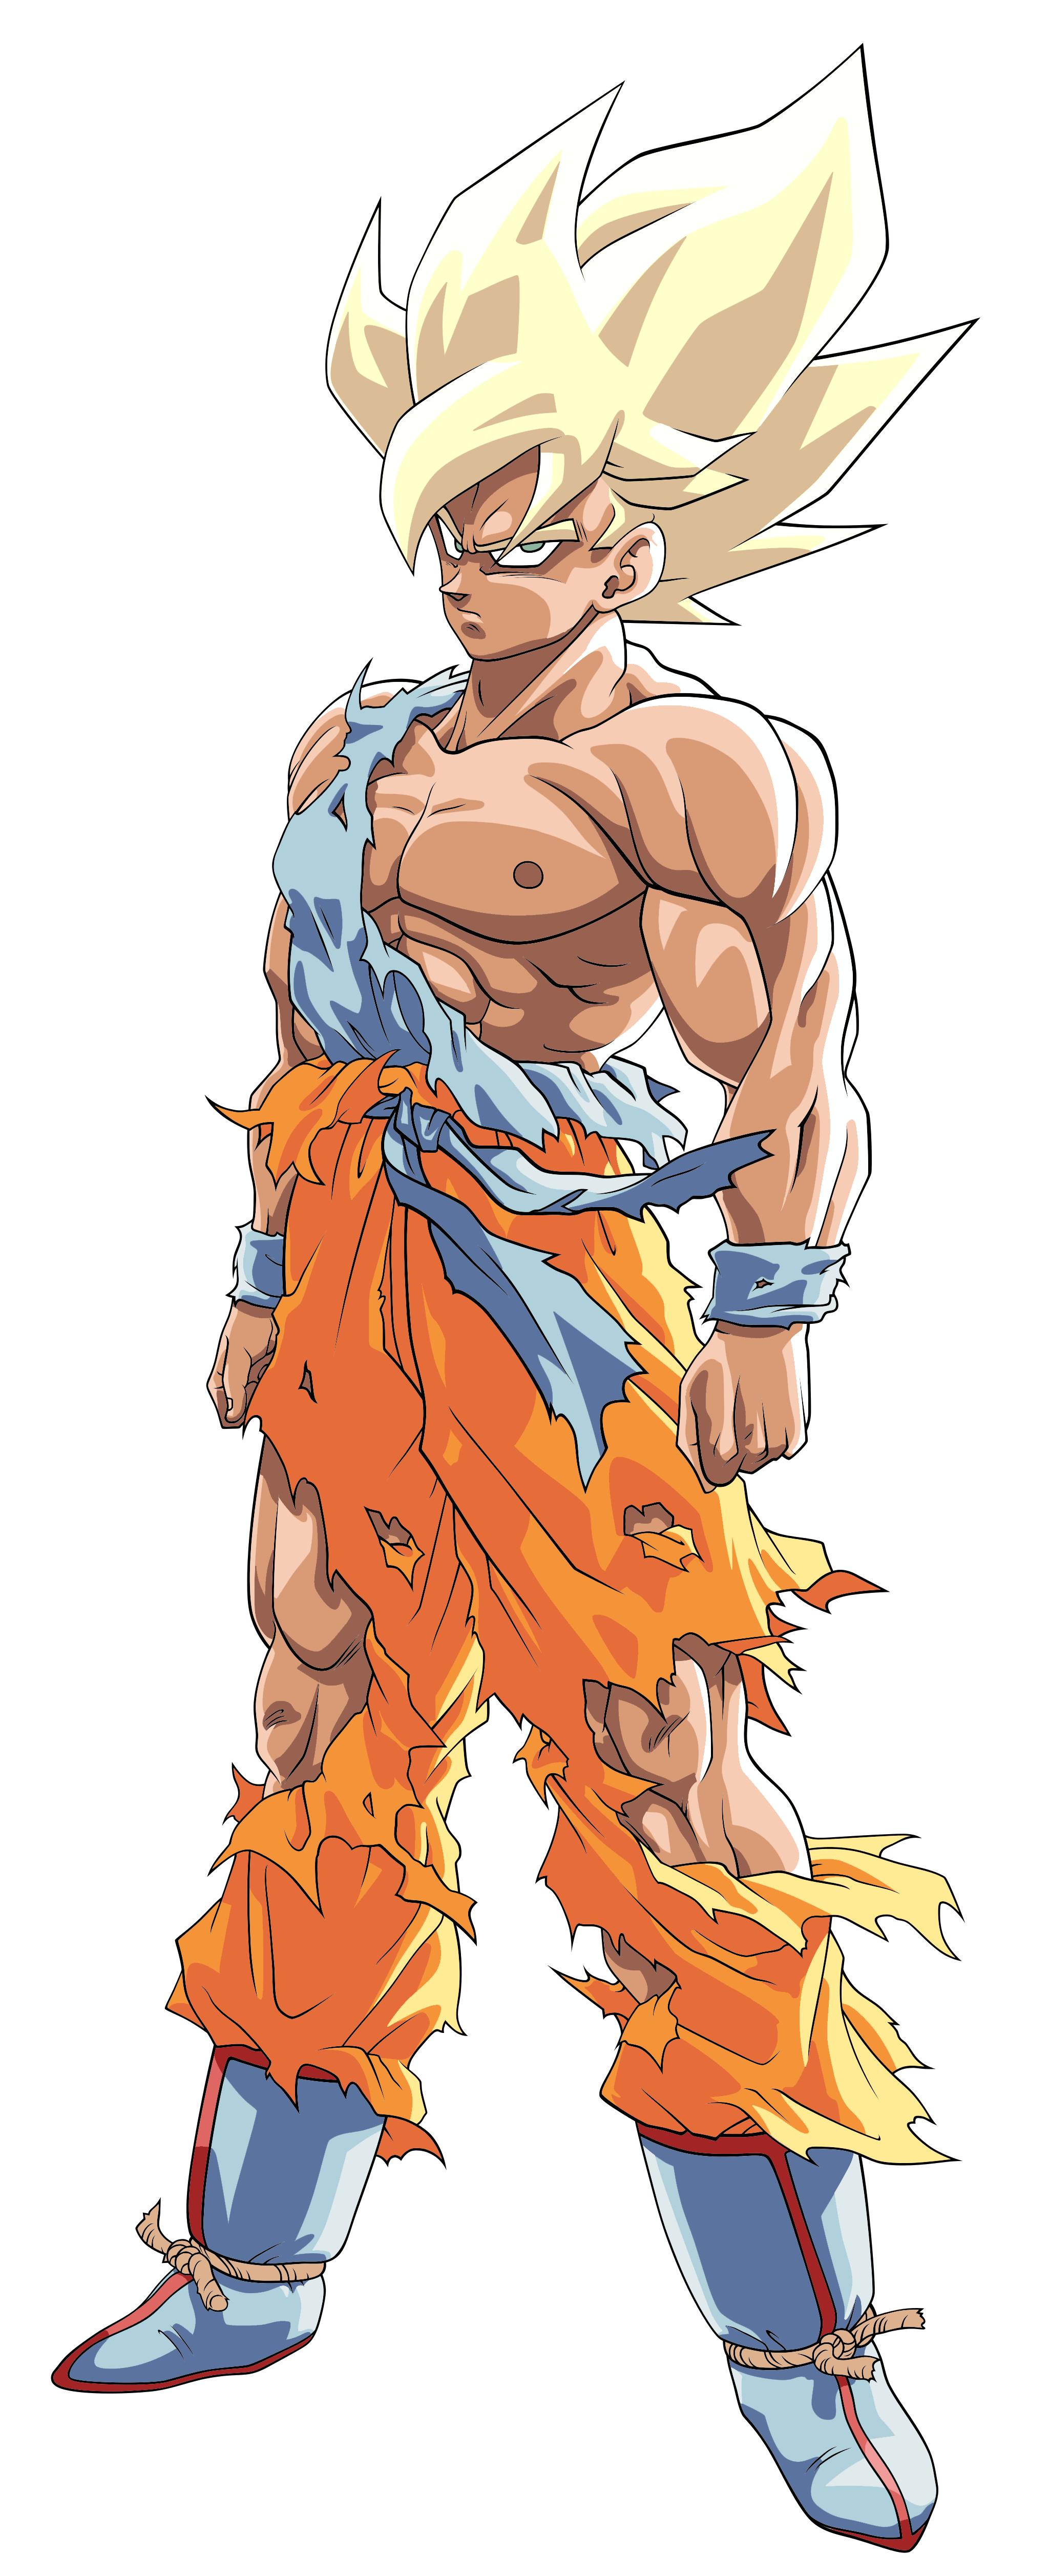 Goku Ssj Namek Ssj Toriyama Palette By Benj San Dbqzk0g Png 2048 5028 Personagens De Anime Anime Dragon Ball